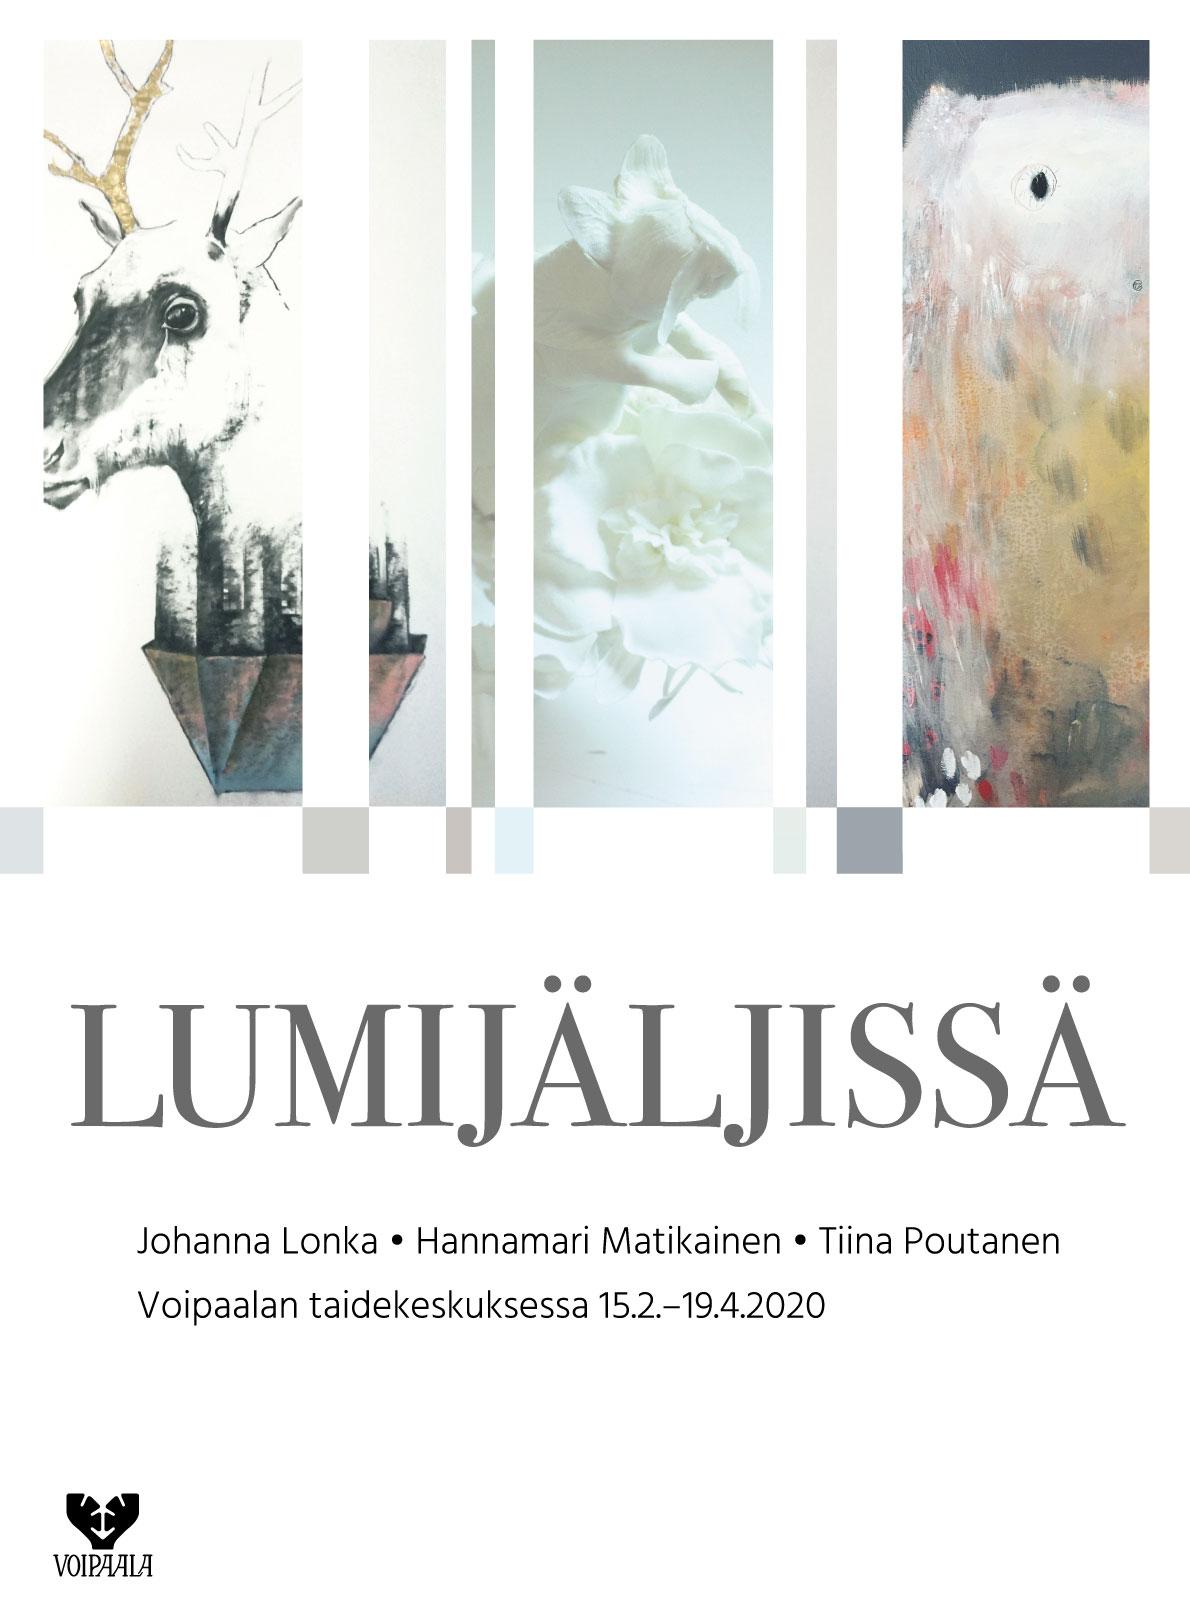 Lumijäljissä – Johanna Lonka, Hannamari Matikainen, Tiina Poutanen, näyttely Voipaalassa 15.2.-19.4.2020.